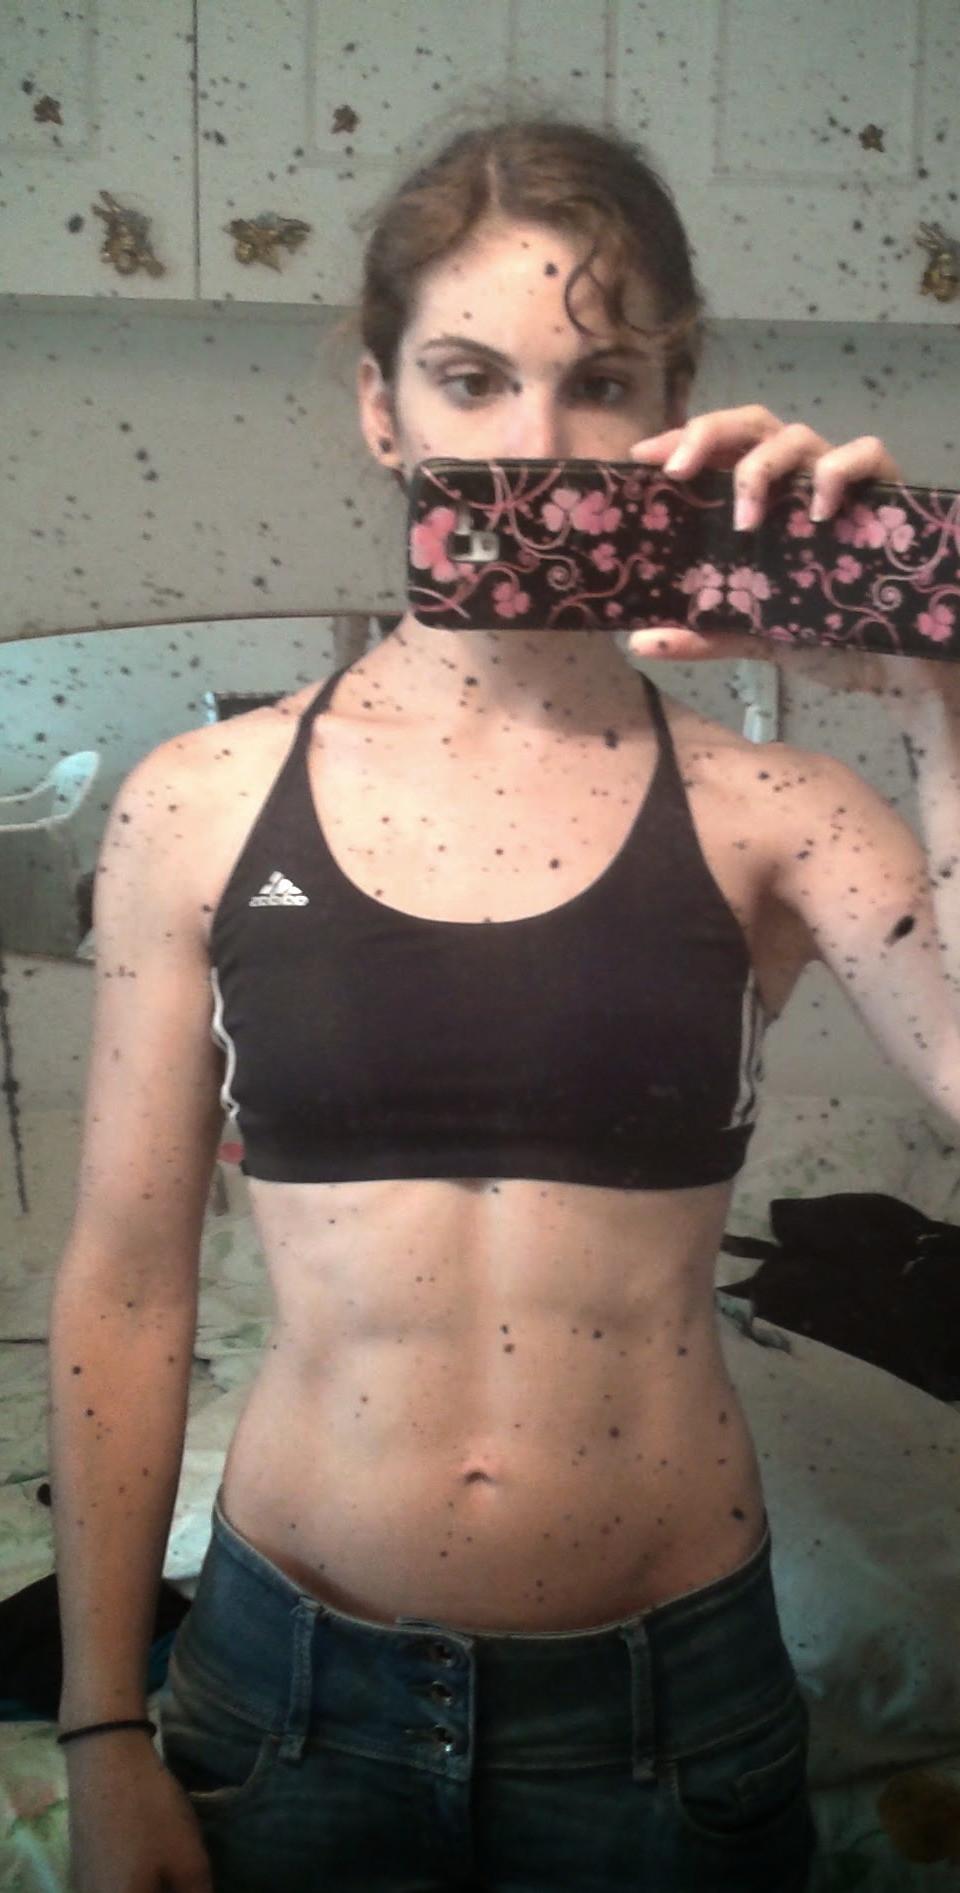 Eu própria já caí na armadilha de querer ser mais magra e ter um corpo perfeito. Era obcecada e miserável.